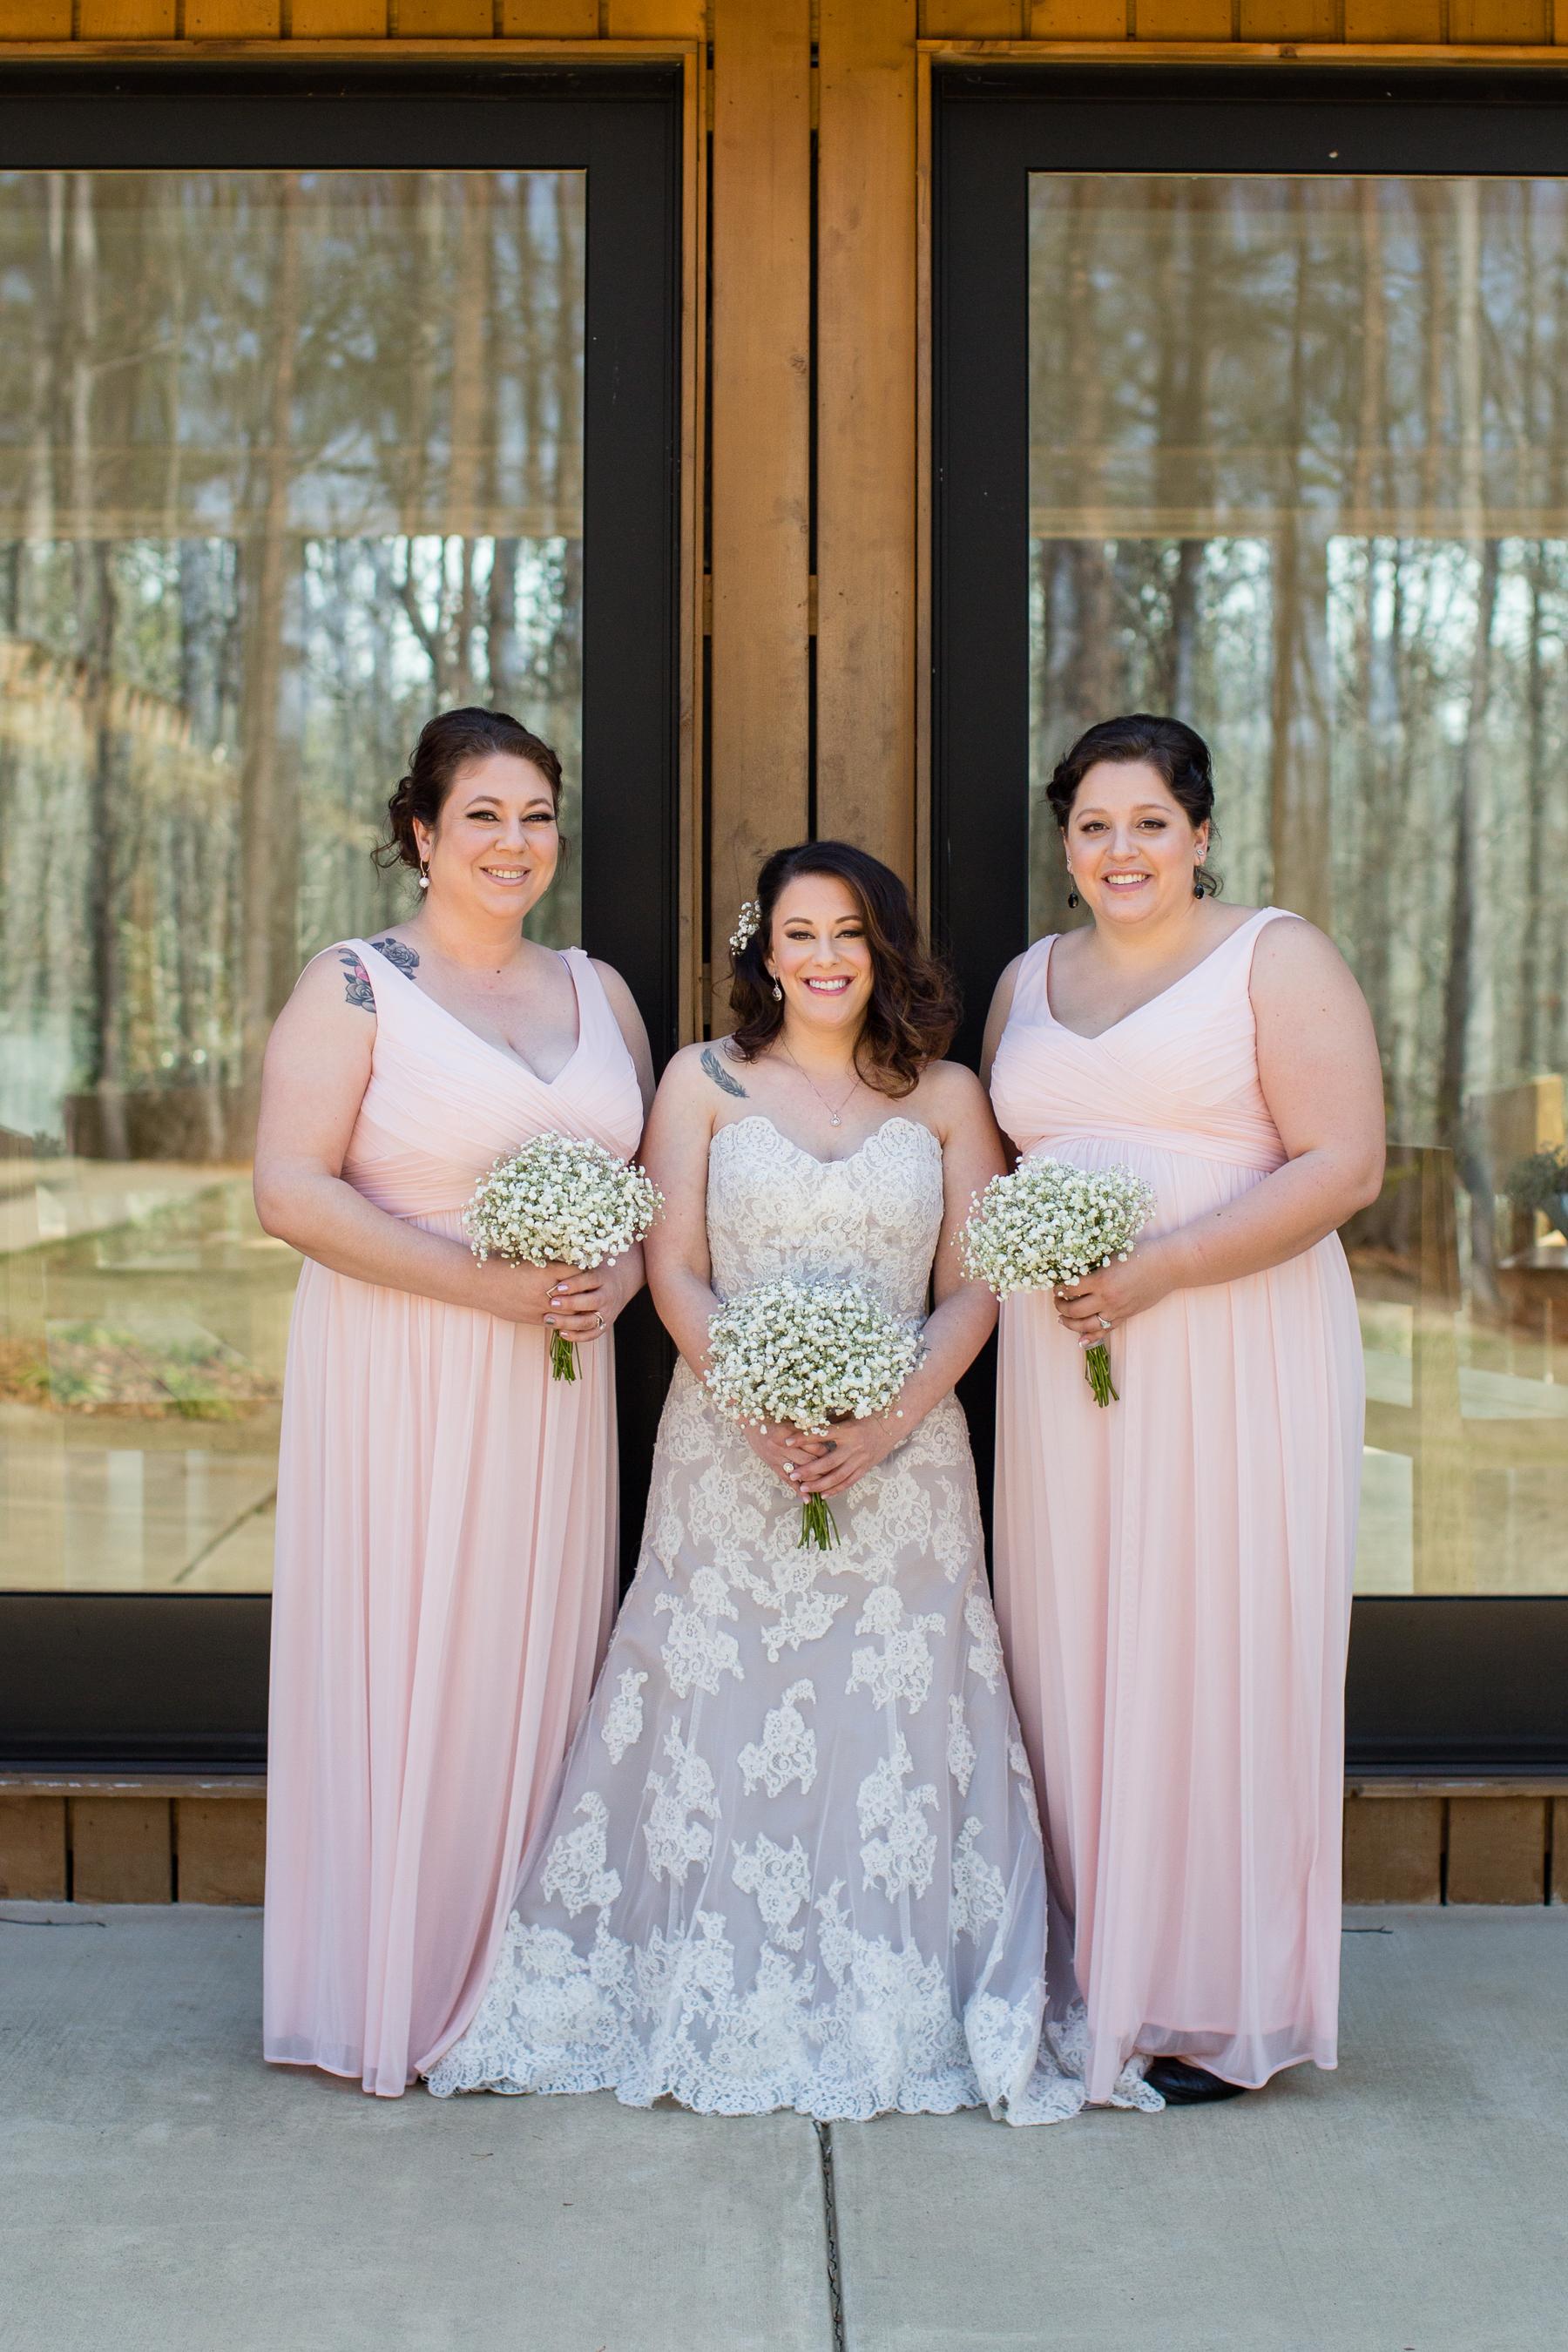 juliette Chapel wedding